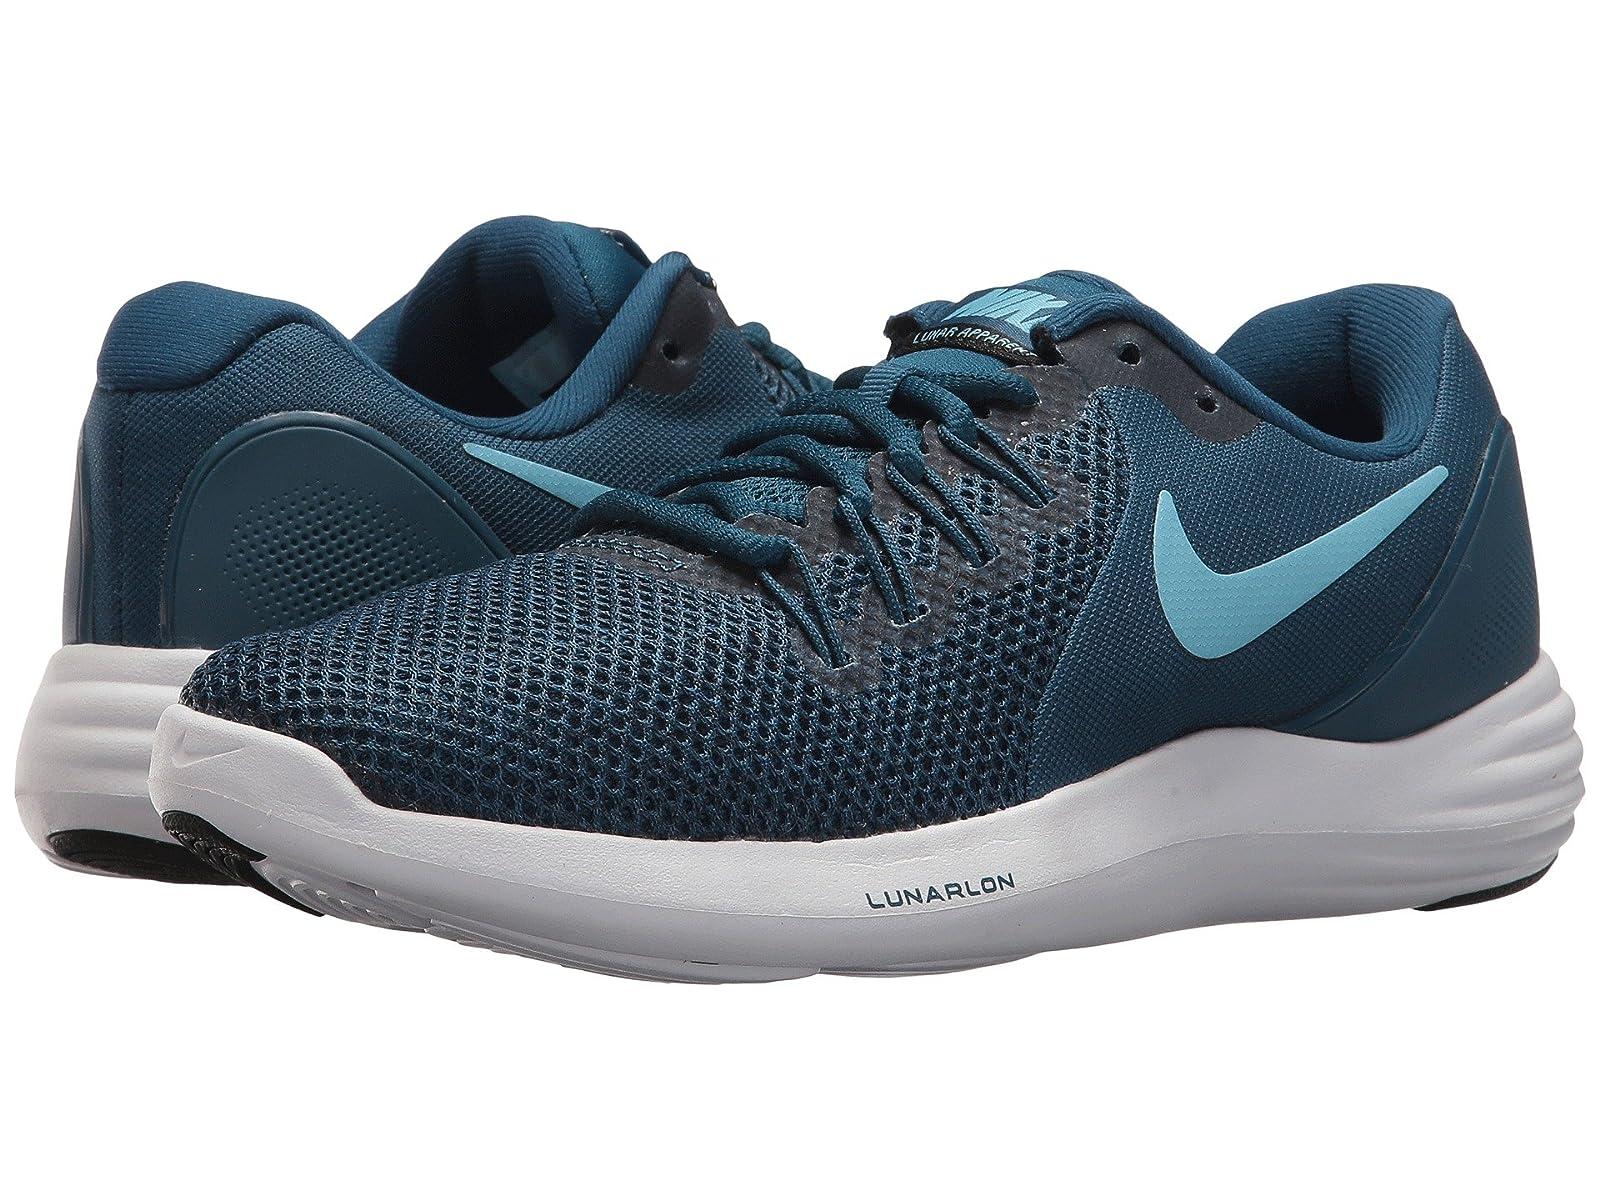 Nike Lunar ApparentAtmospheric grades have affordable shoes